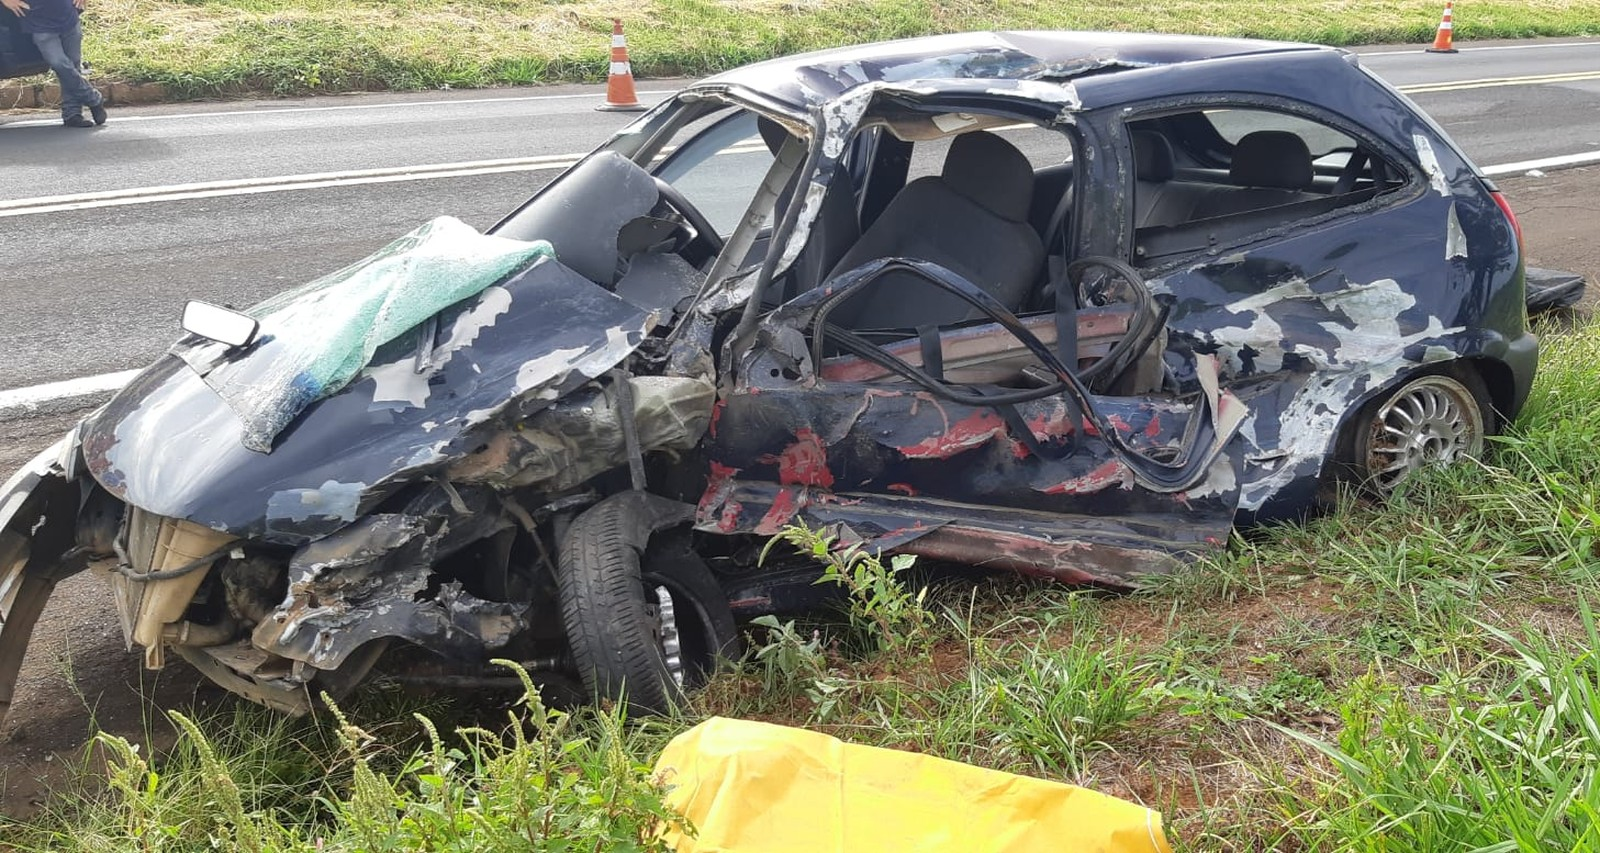 Carro dirigido pelo idoso ficou destruído, principalmente no lado do motorista, local da batida frontal contra a carreta — Foto: Polícia Rodoviária Federal/Divulgação